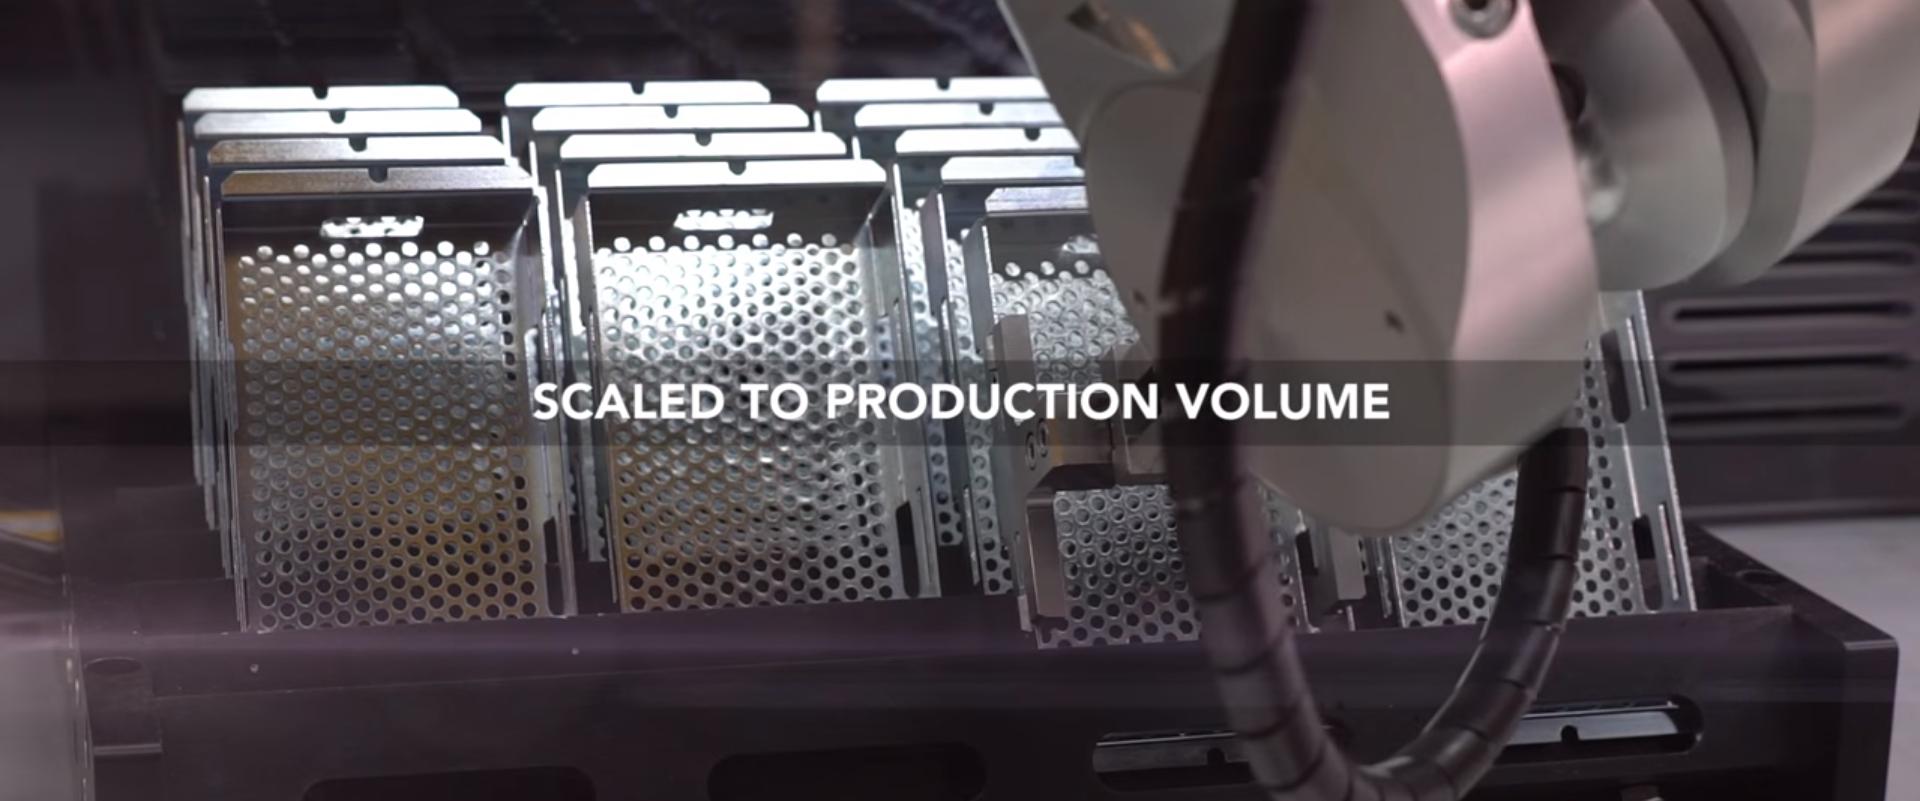 Aus Rapid Prototyping wird Individuelle Massenherstellung